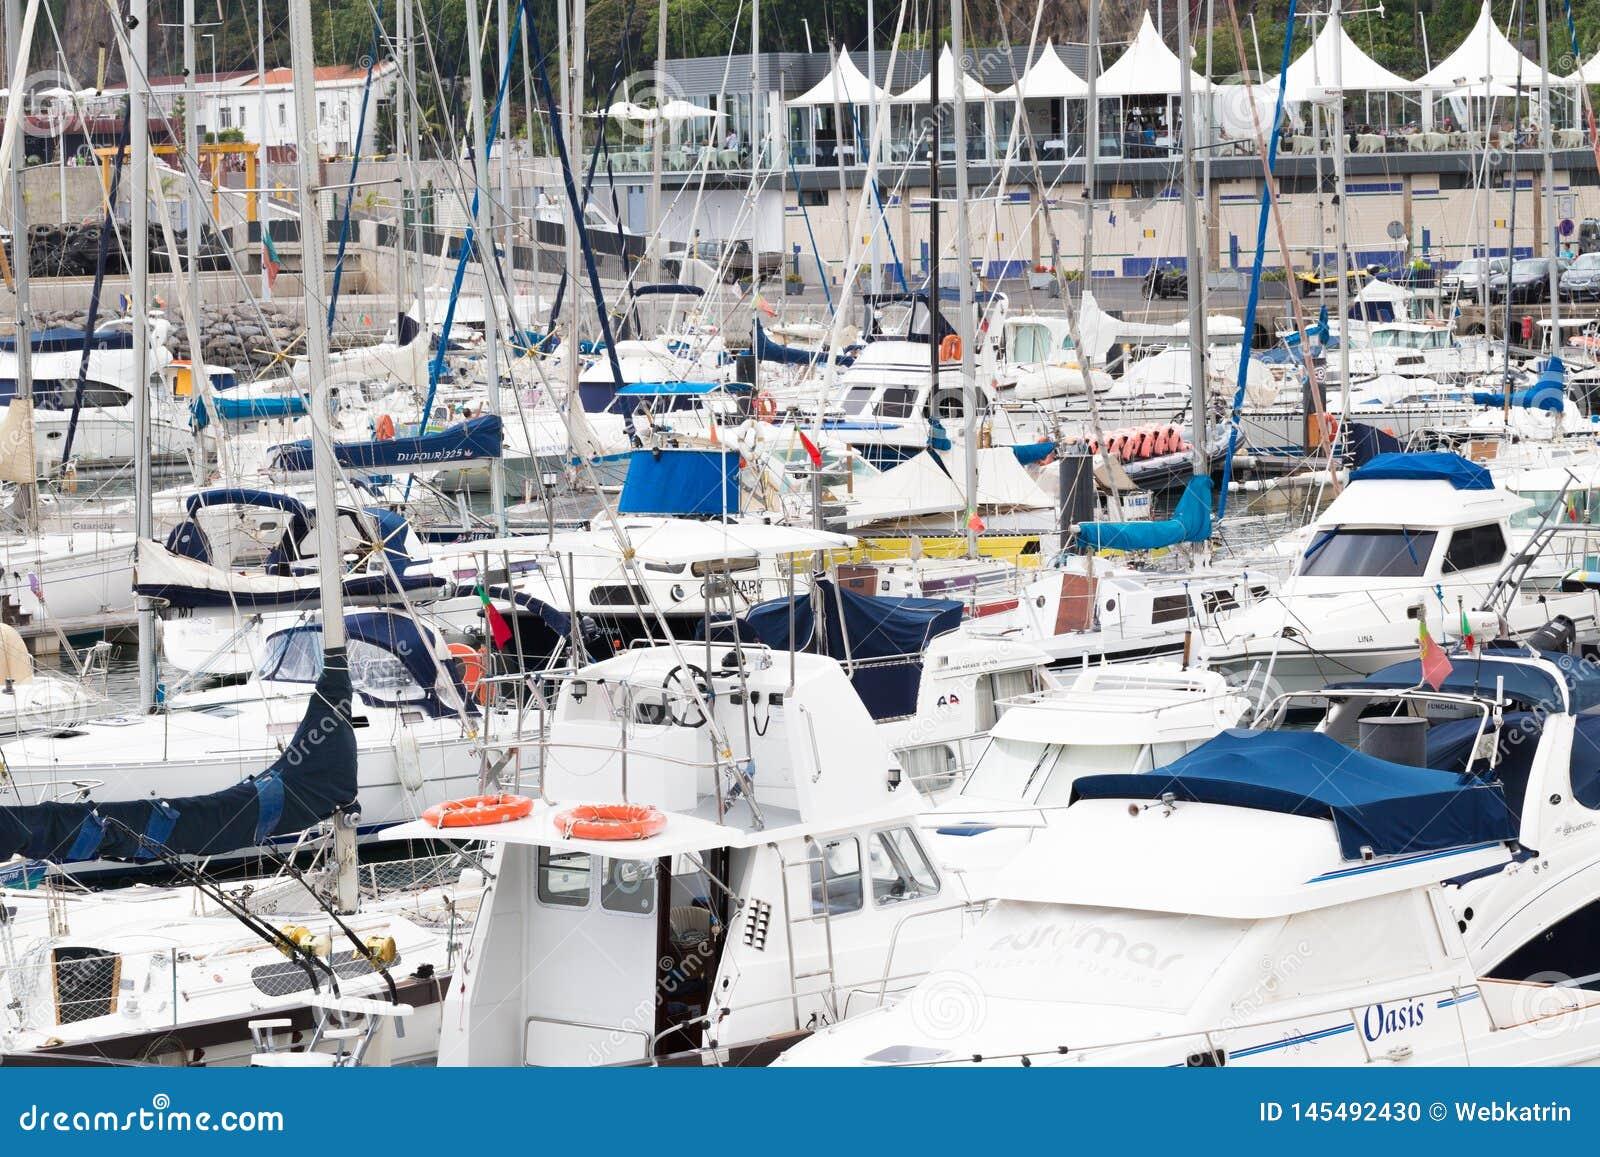 丰沙尔,马德拉,葡萄牙- 2018年7月22日:许多游艇和小船在丰沙尔小游艇船坞